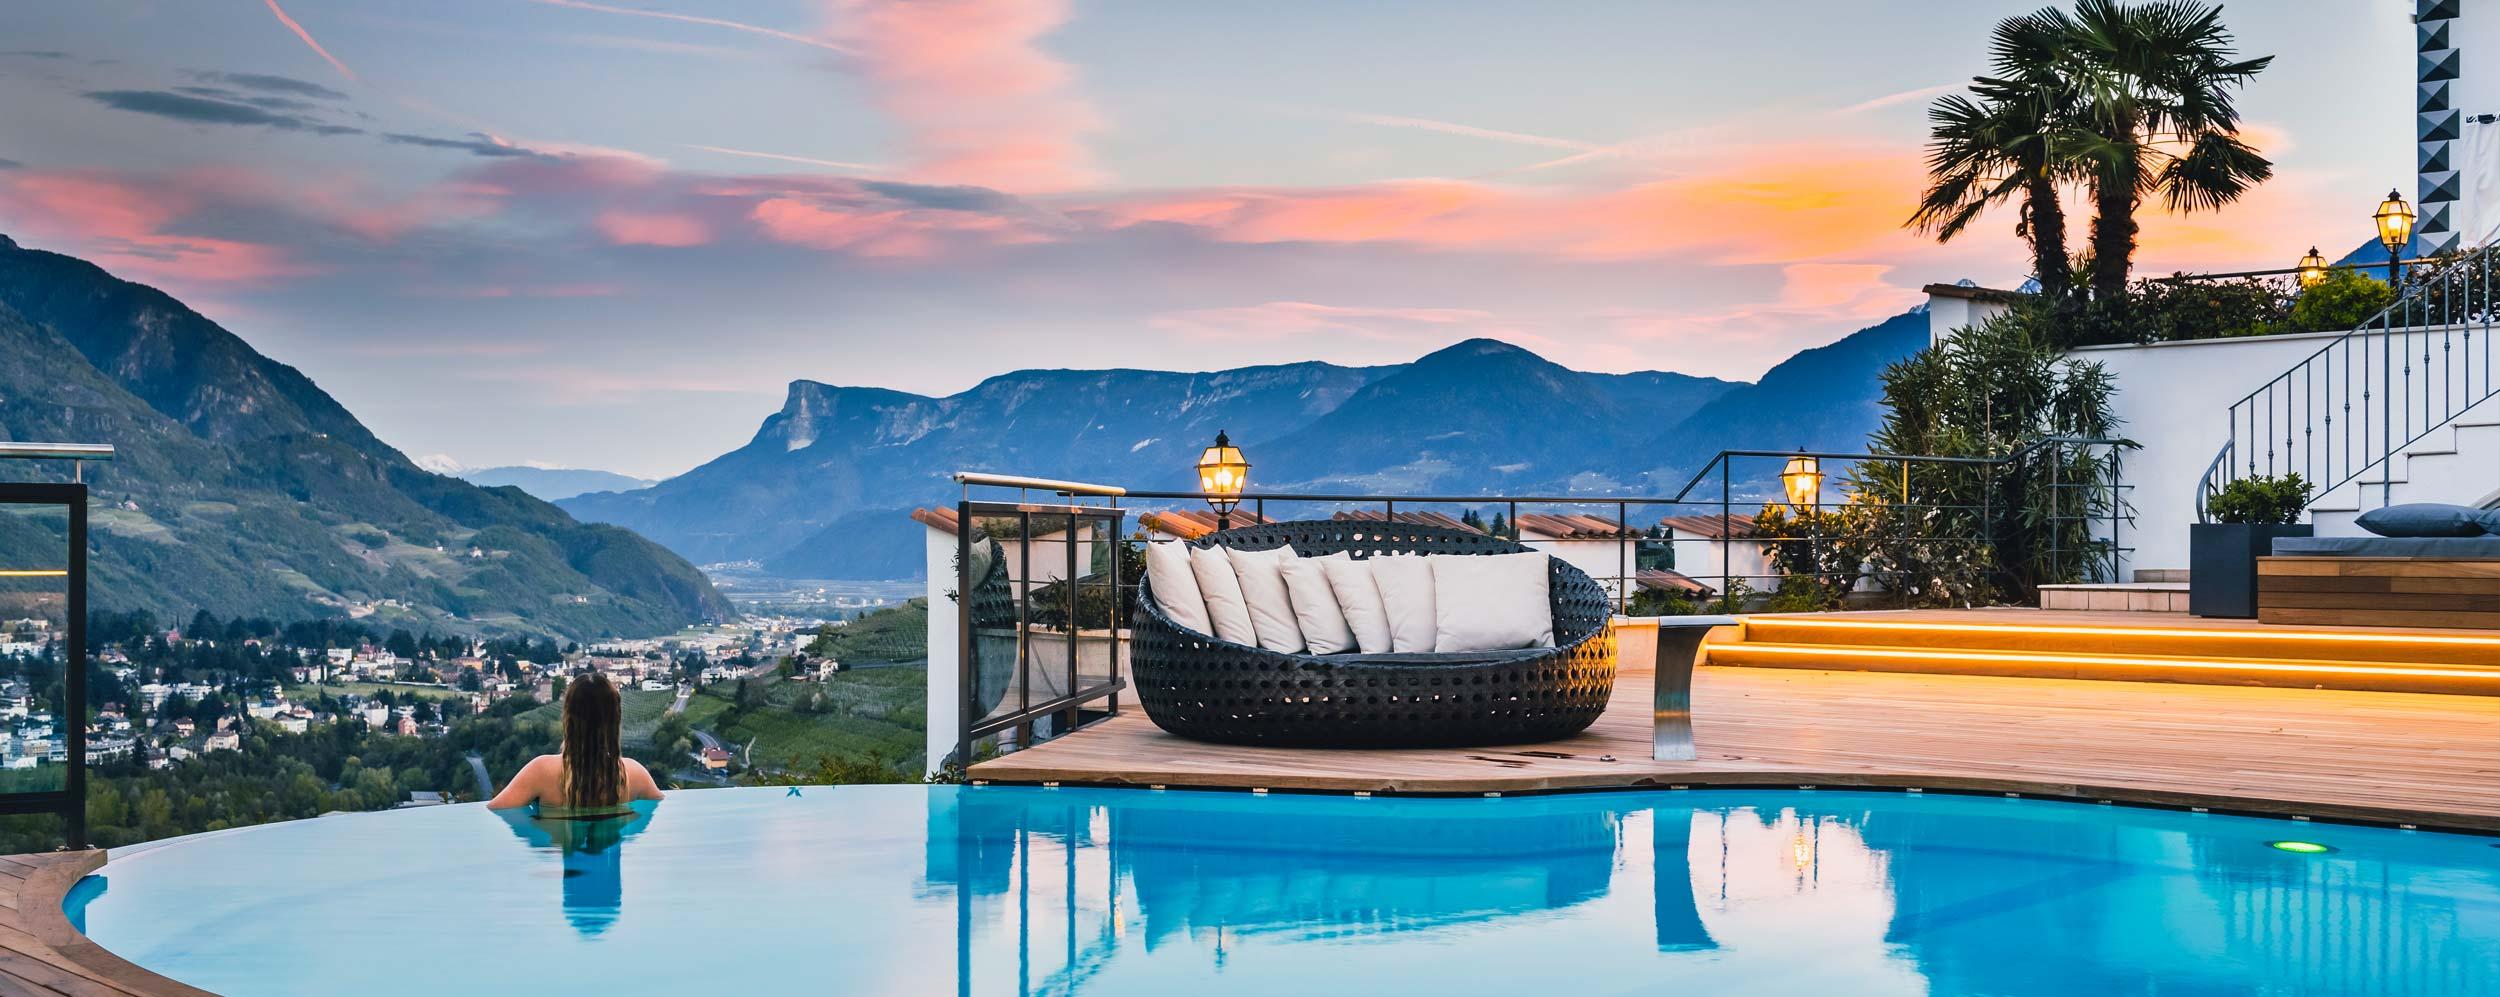 Die Schonsten Hotels In Dorf Tirol Bei Meran Sudtirol